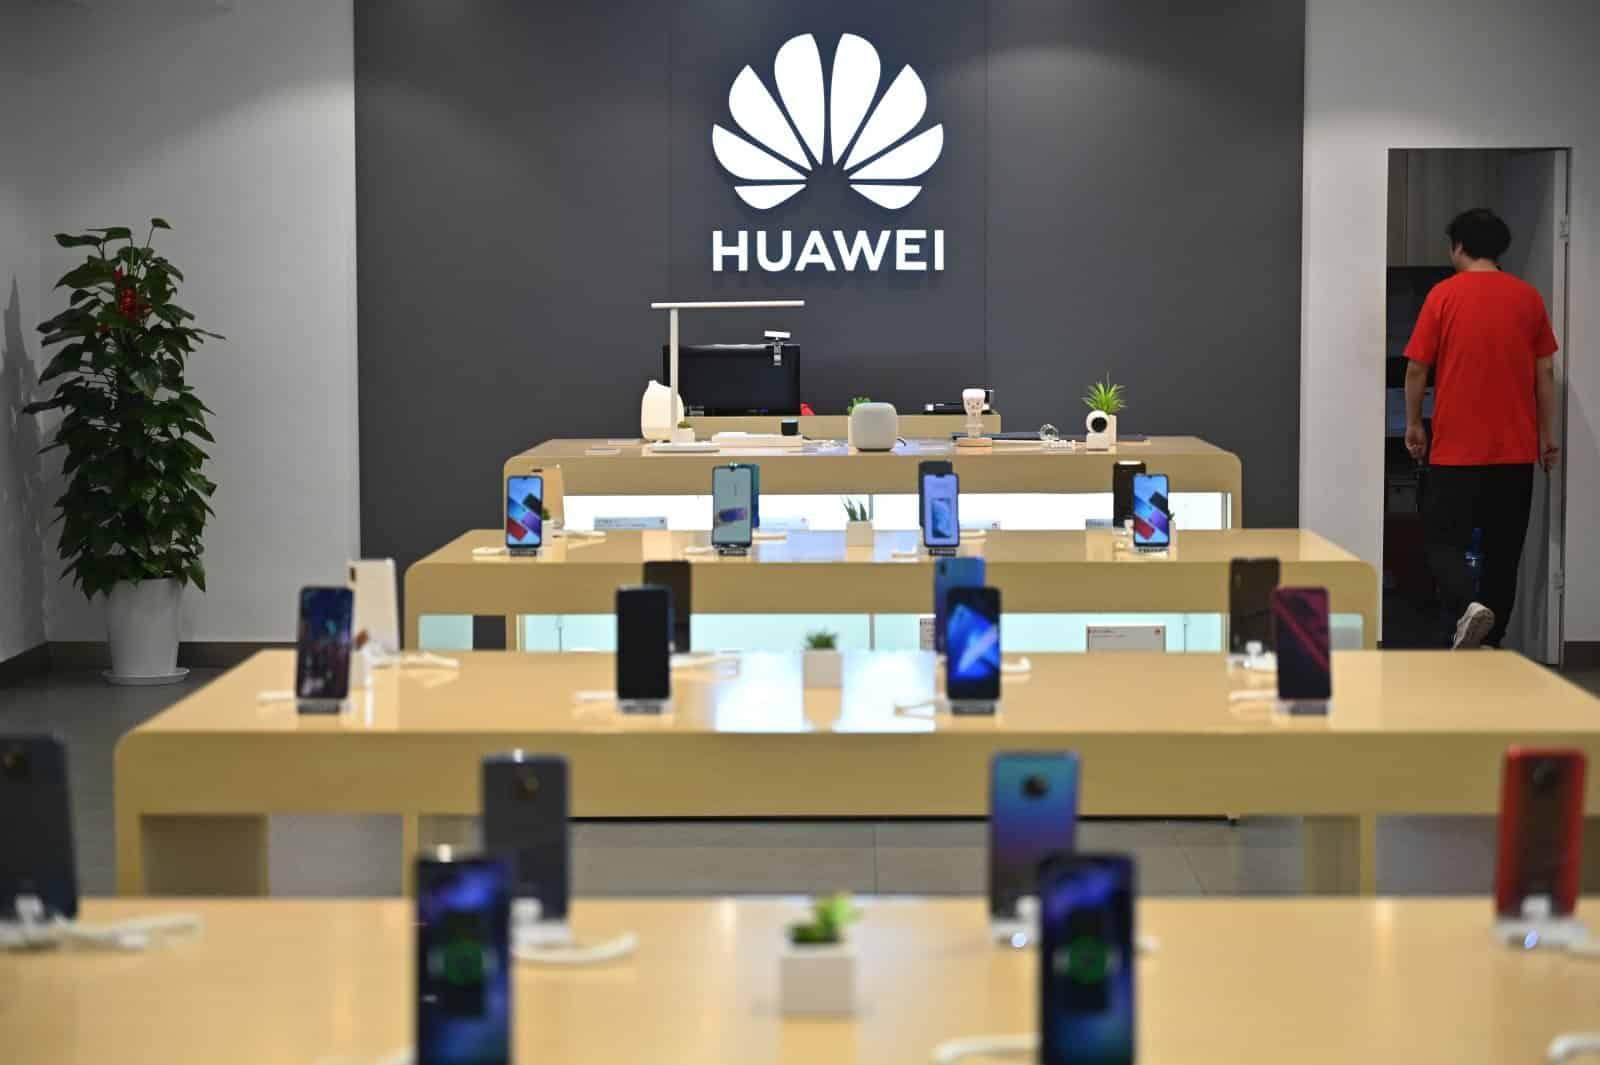 Huawei accusé d'espionnage aux Pays-Bas